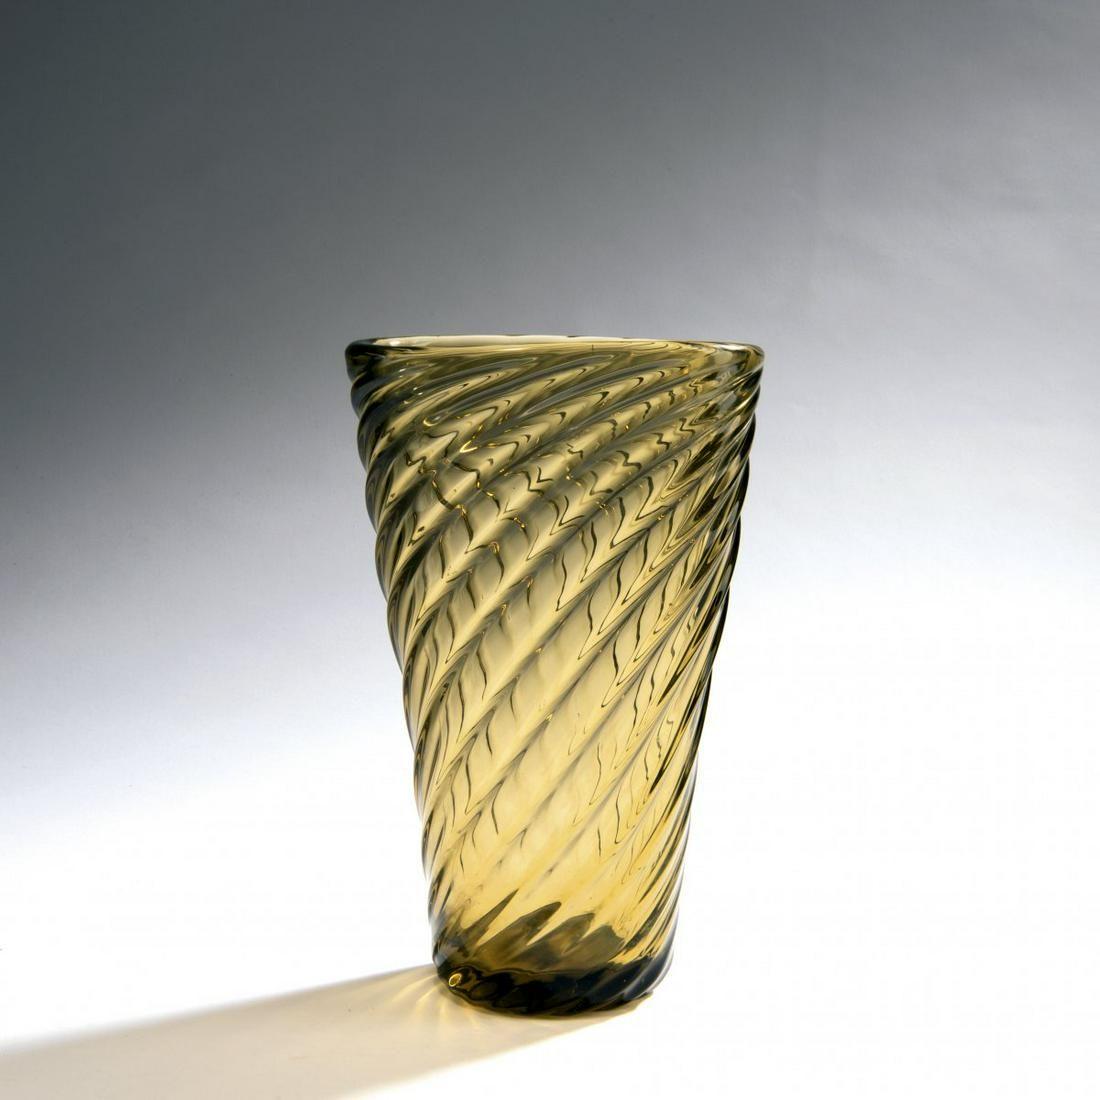 Paolo Venini, 'Cordonato' vase, c. 1935